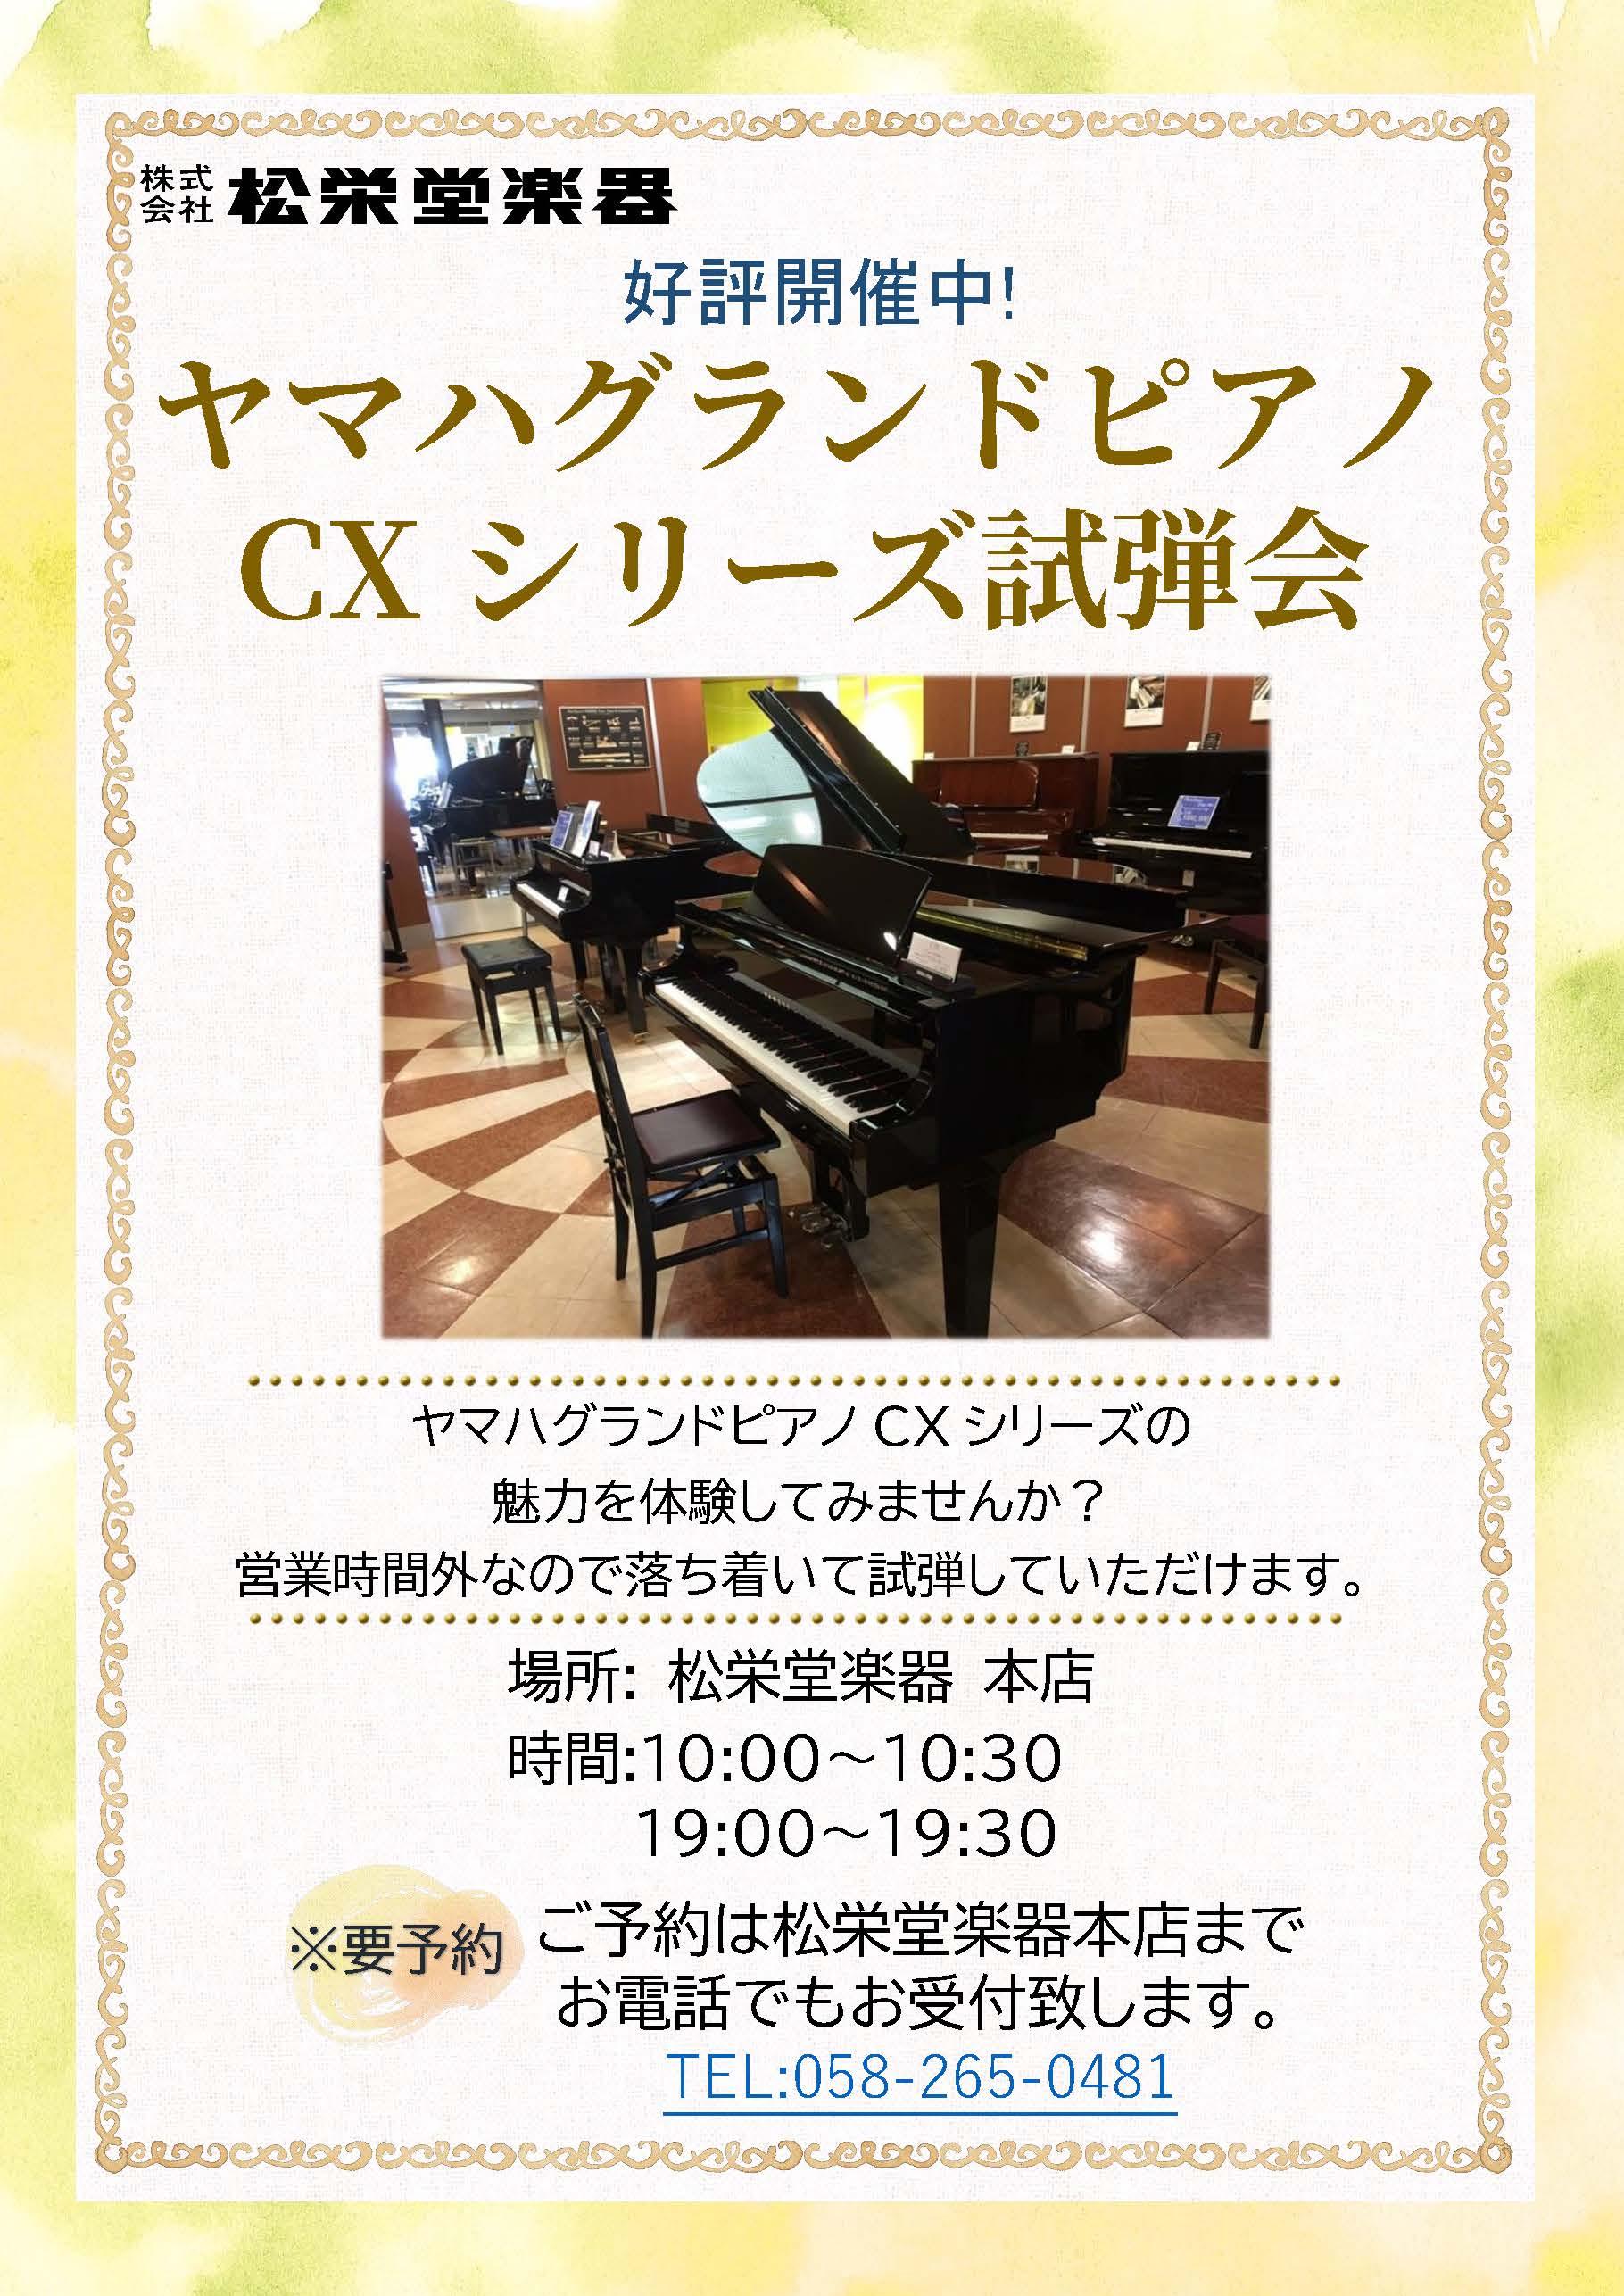 CXシリーズ試弾会